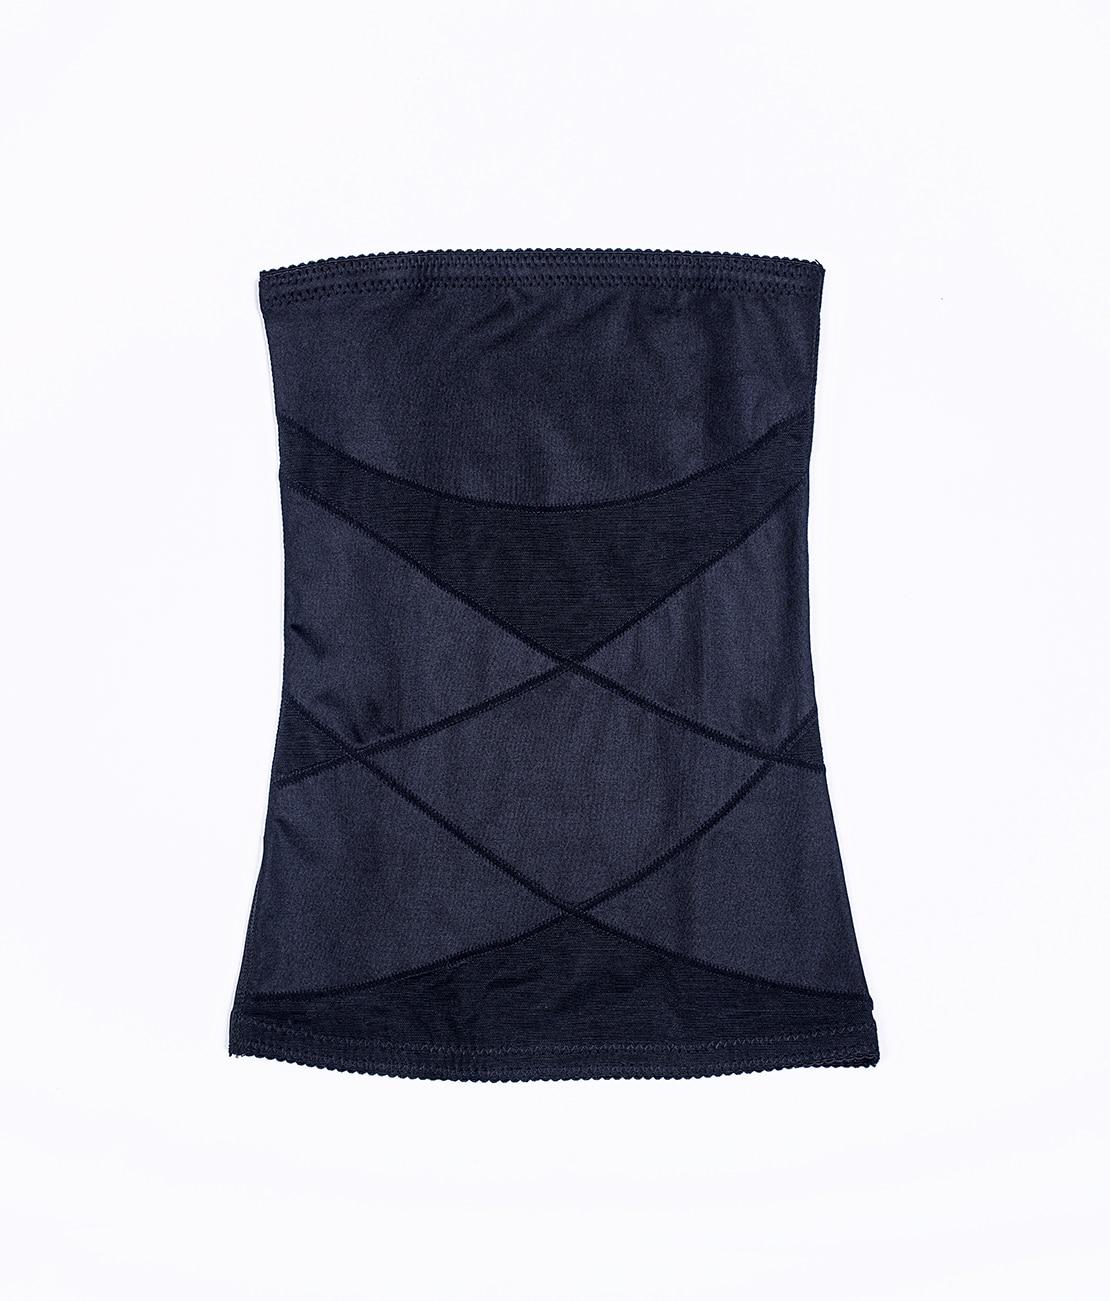 Gaine Ventre Plat Invisible Noire Packshot Front